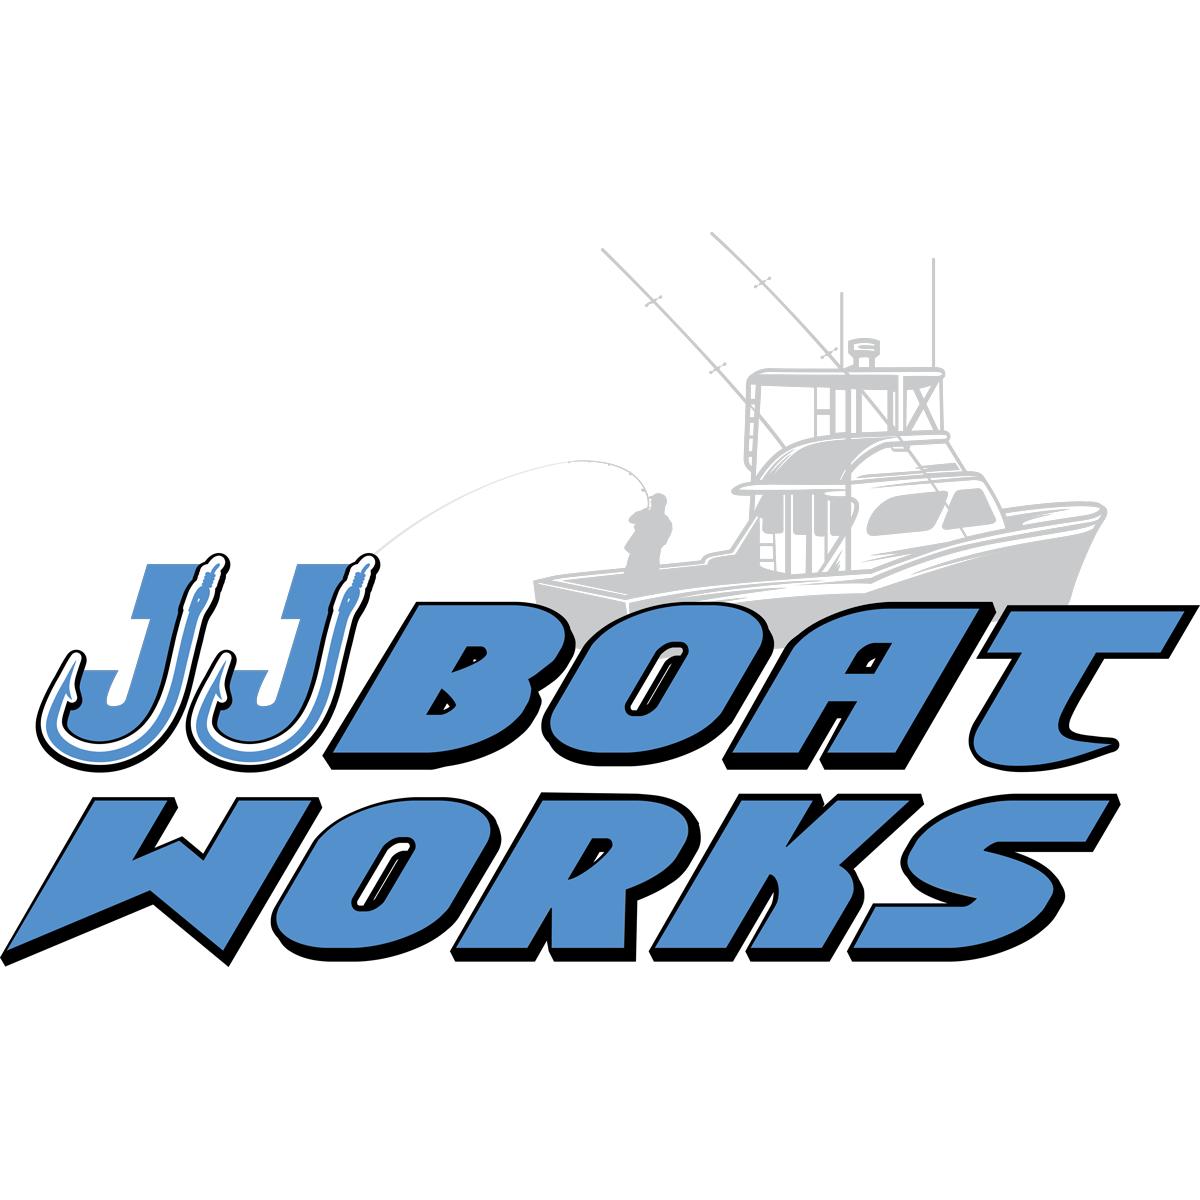 JJ Boat Works